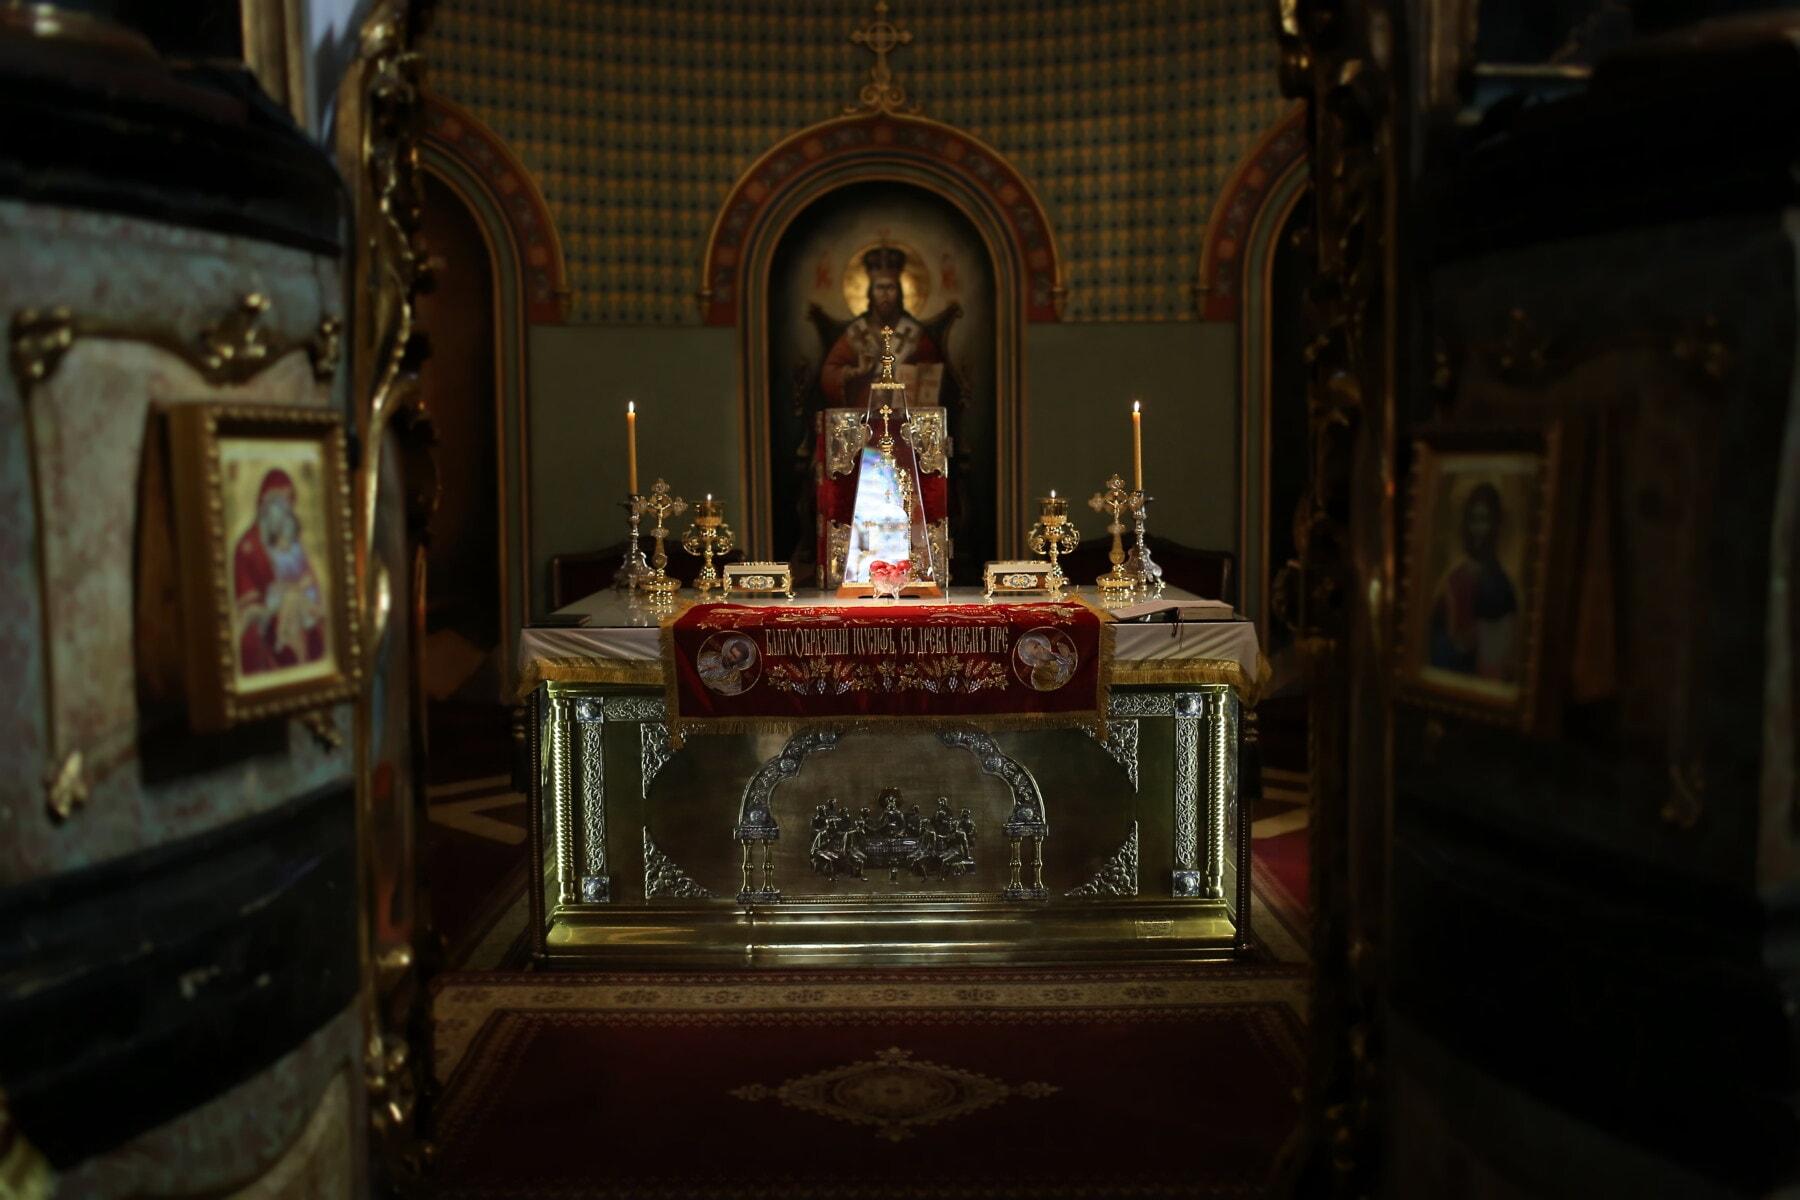 Serbien, orthodoxe, Kirche, Altar, Byzantinische, geistigkeit, Heilige, Symbol, Religion, Kerze